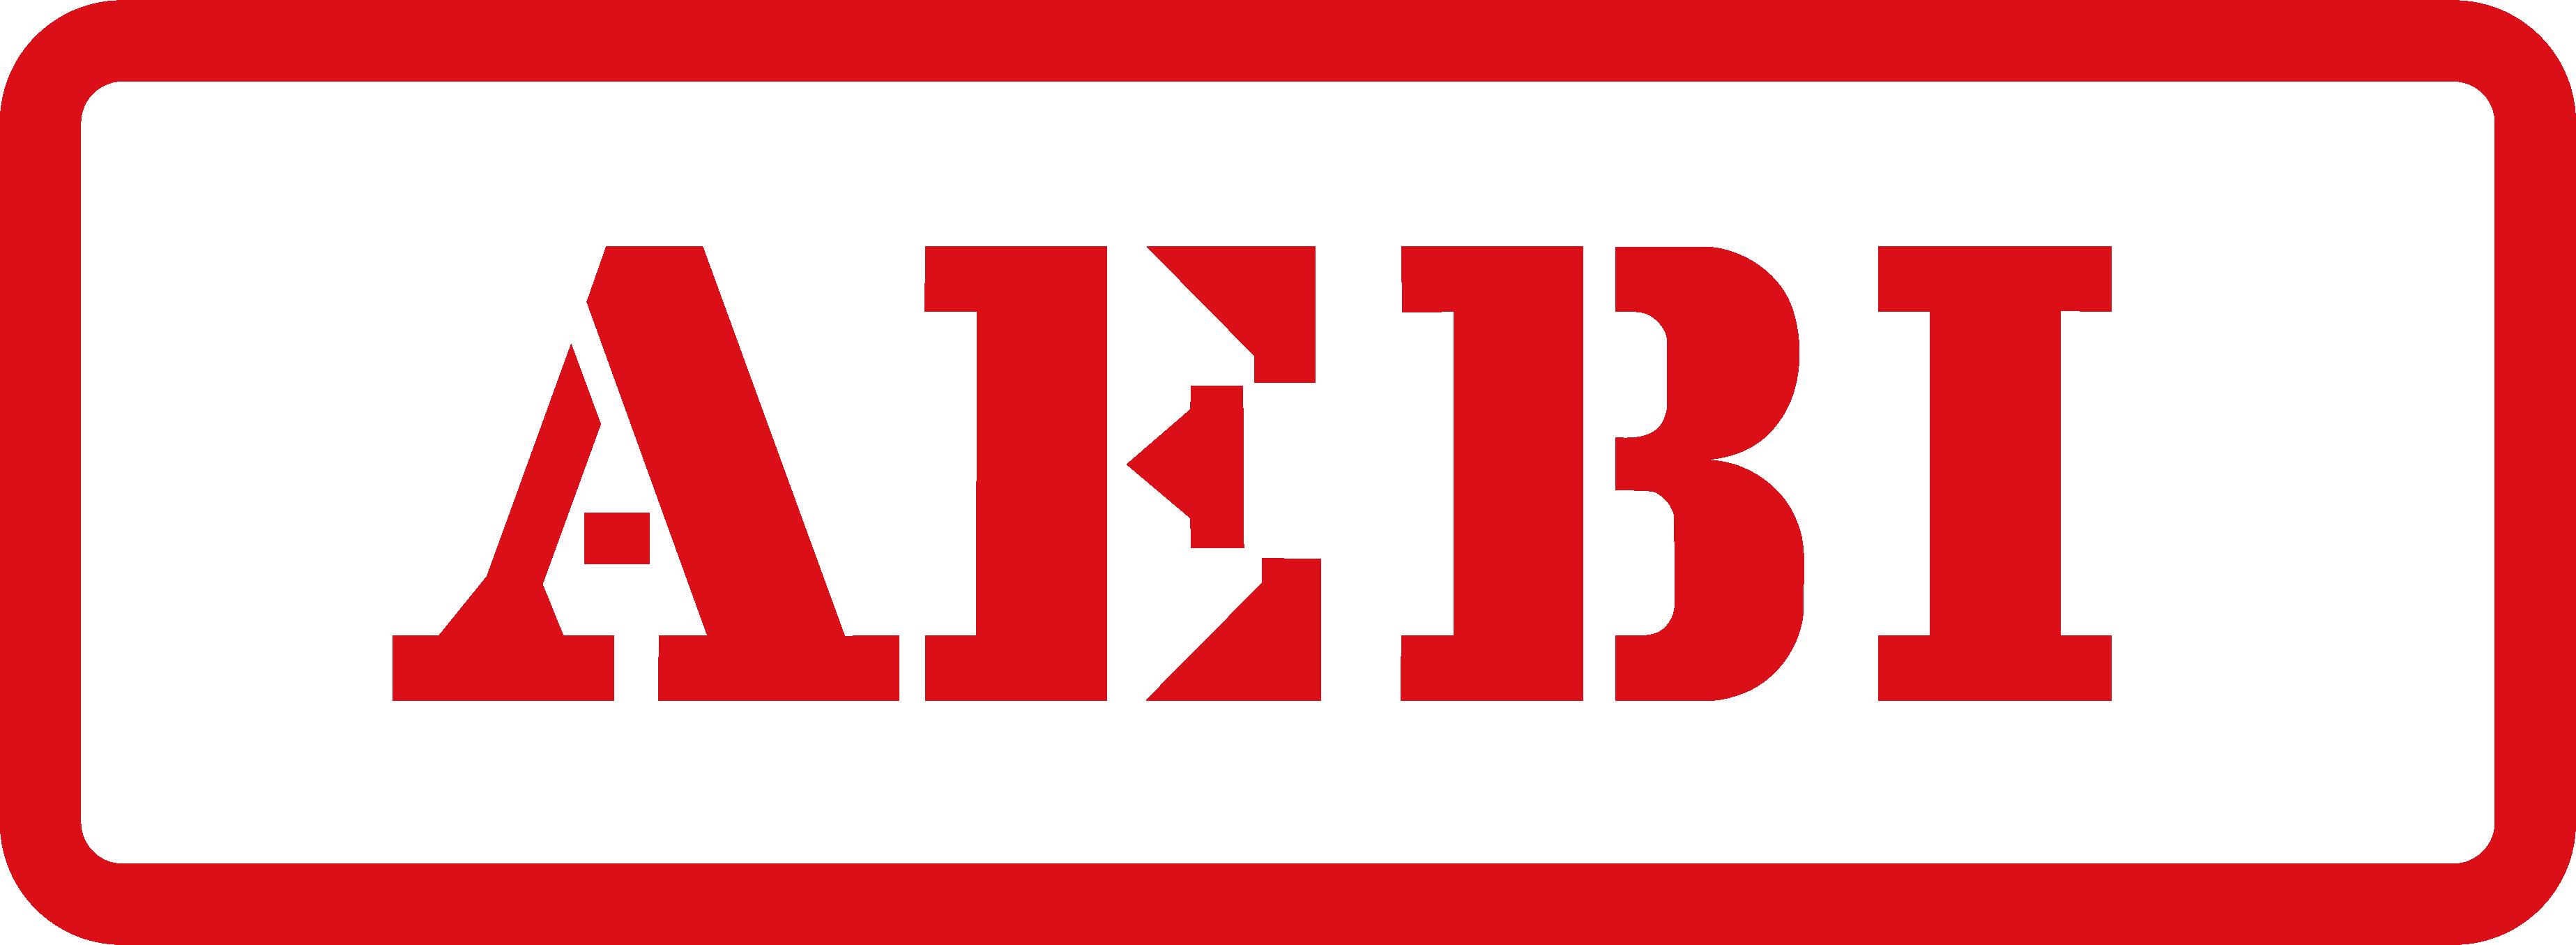 Logo Aebi Schmidt Austria